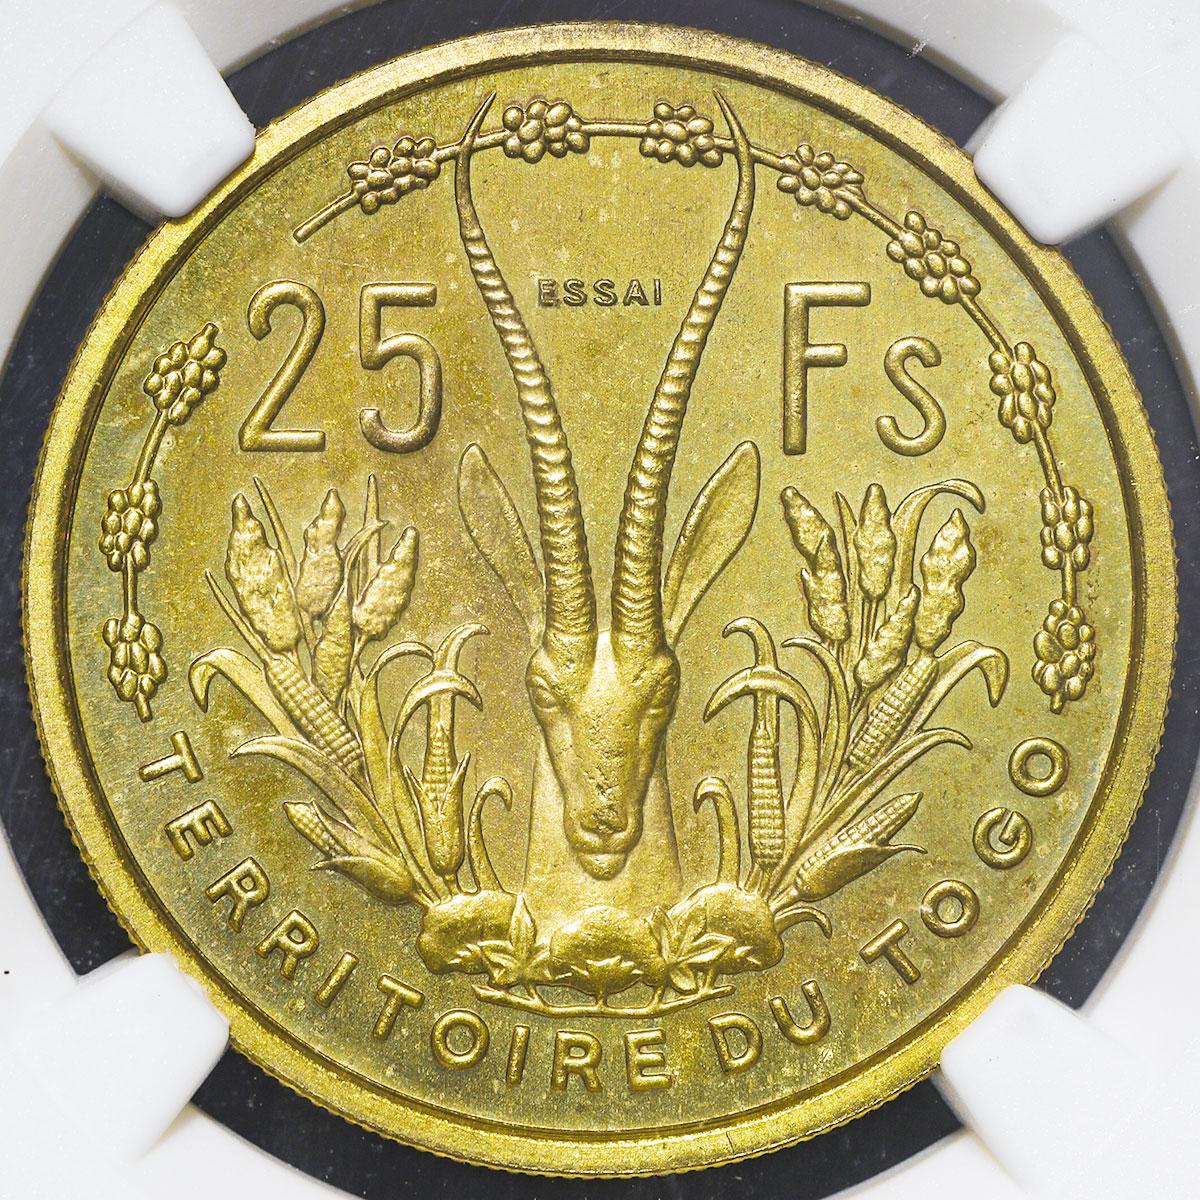 フランス領トーゴ25フラン試鋳貨(裏面)/ TOGO Essai 25Francs